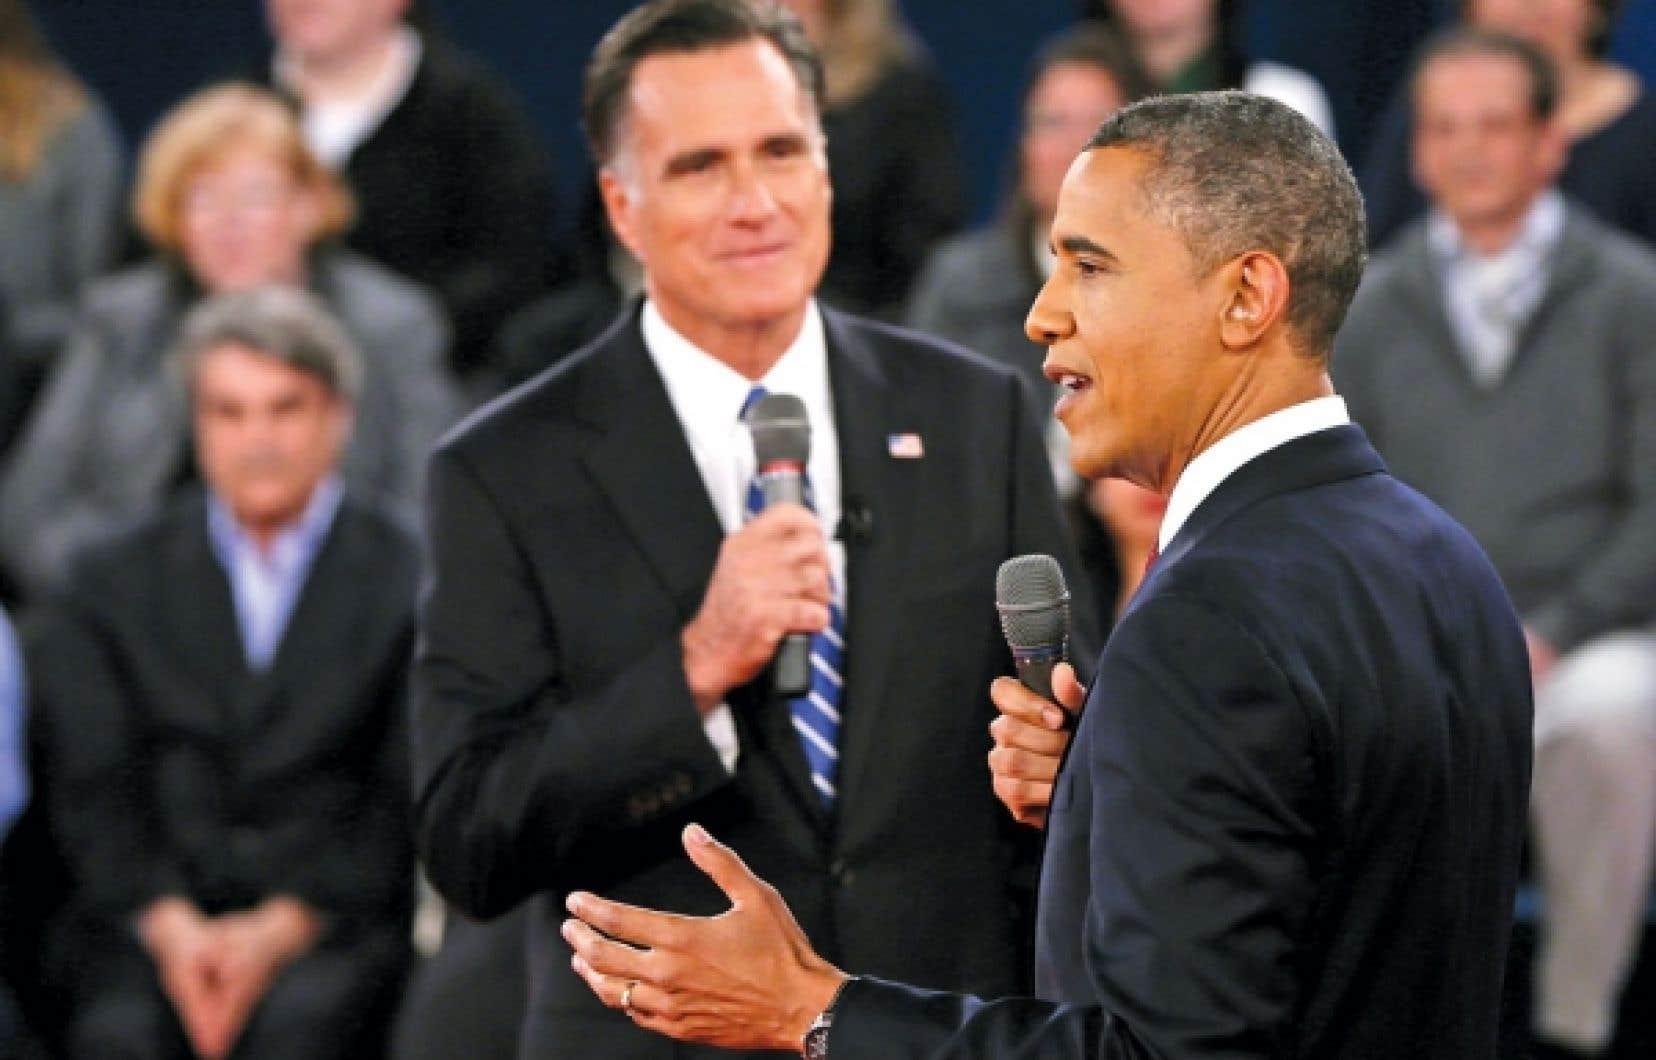 Le président des États-Unis, Barack Obama, répondant à une question venant de l'auditoire sous l'œil du républicain Mitt Romney, mardi, lors du deuxième débat des candidats à la présidence tenu à l'Université Hofstra, à Long Island, dans l'État de New York. M. Obama s'est montré pugnace, attaquant son rival dès le début.